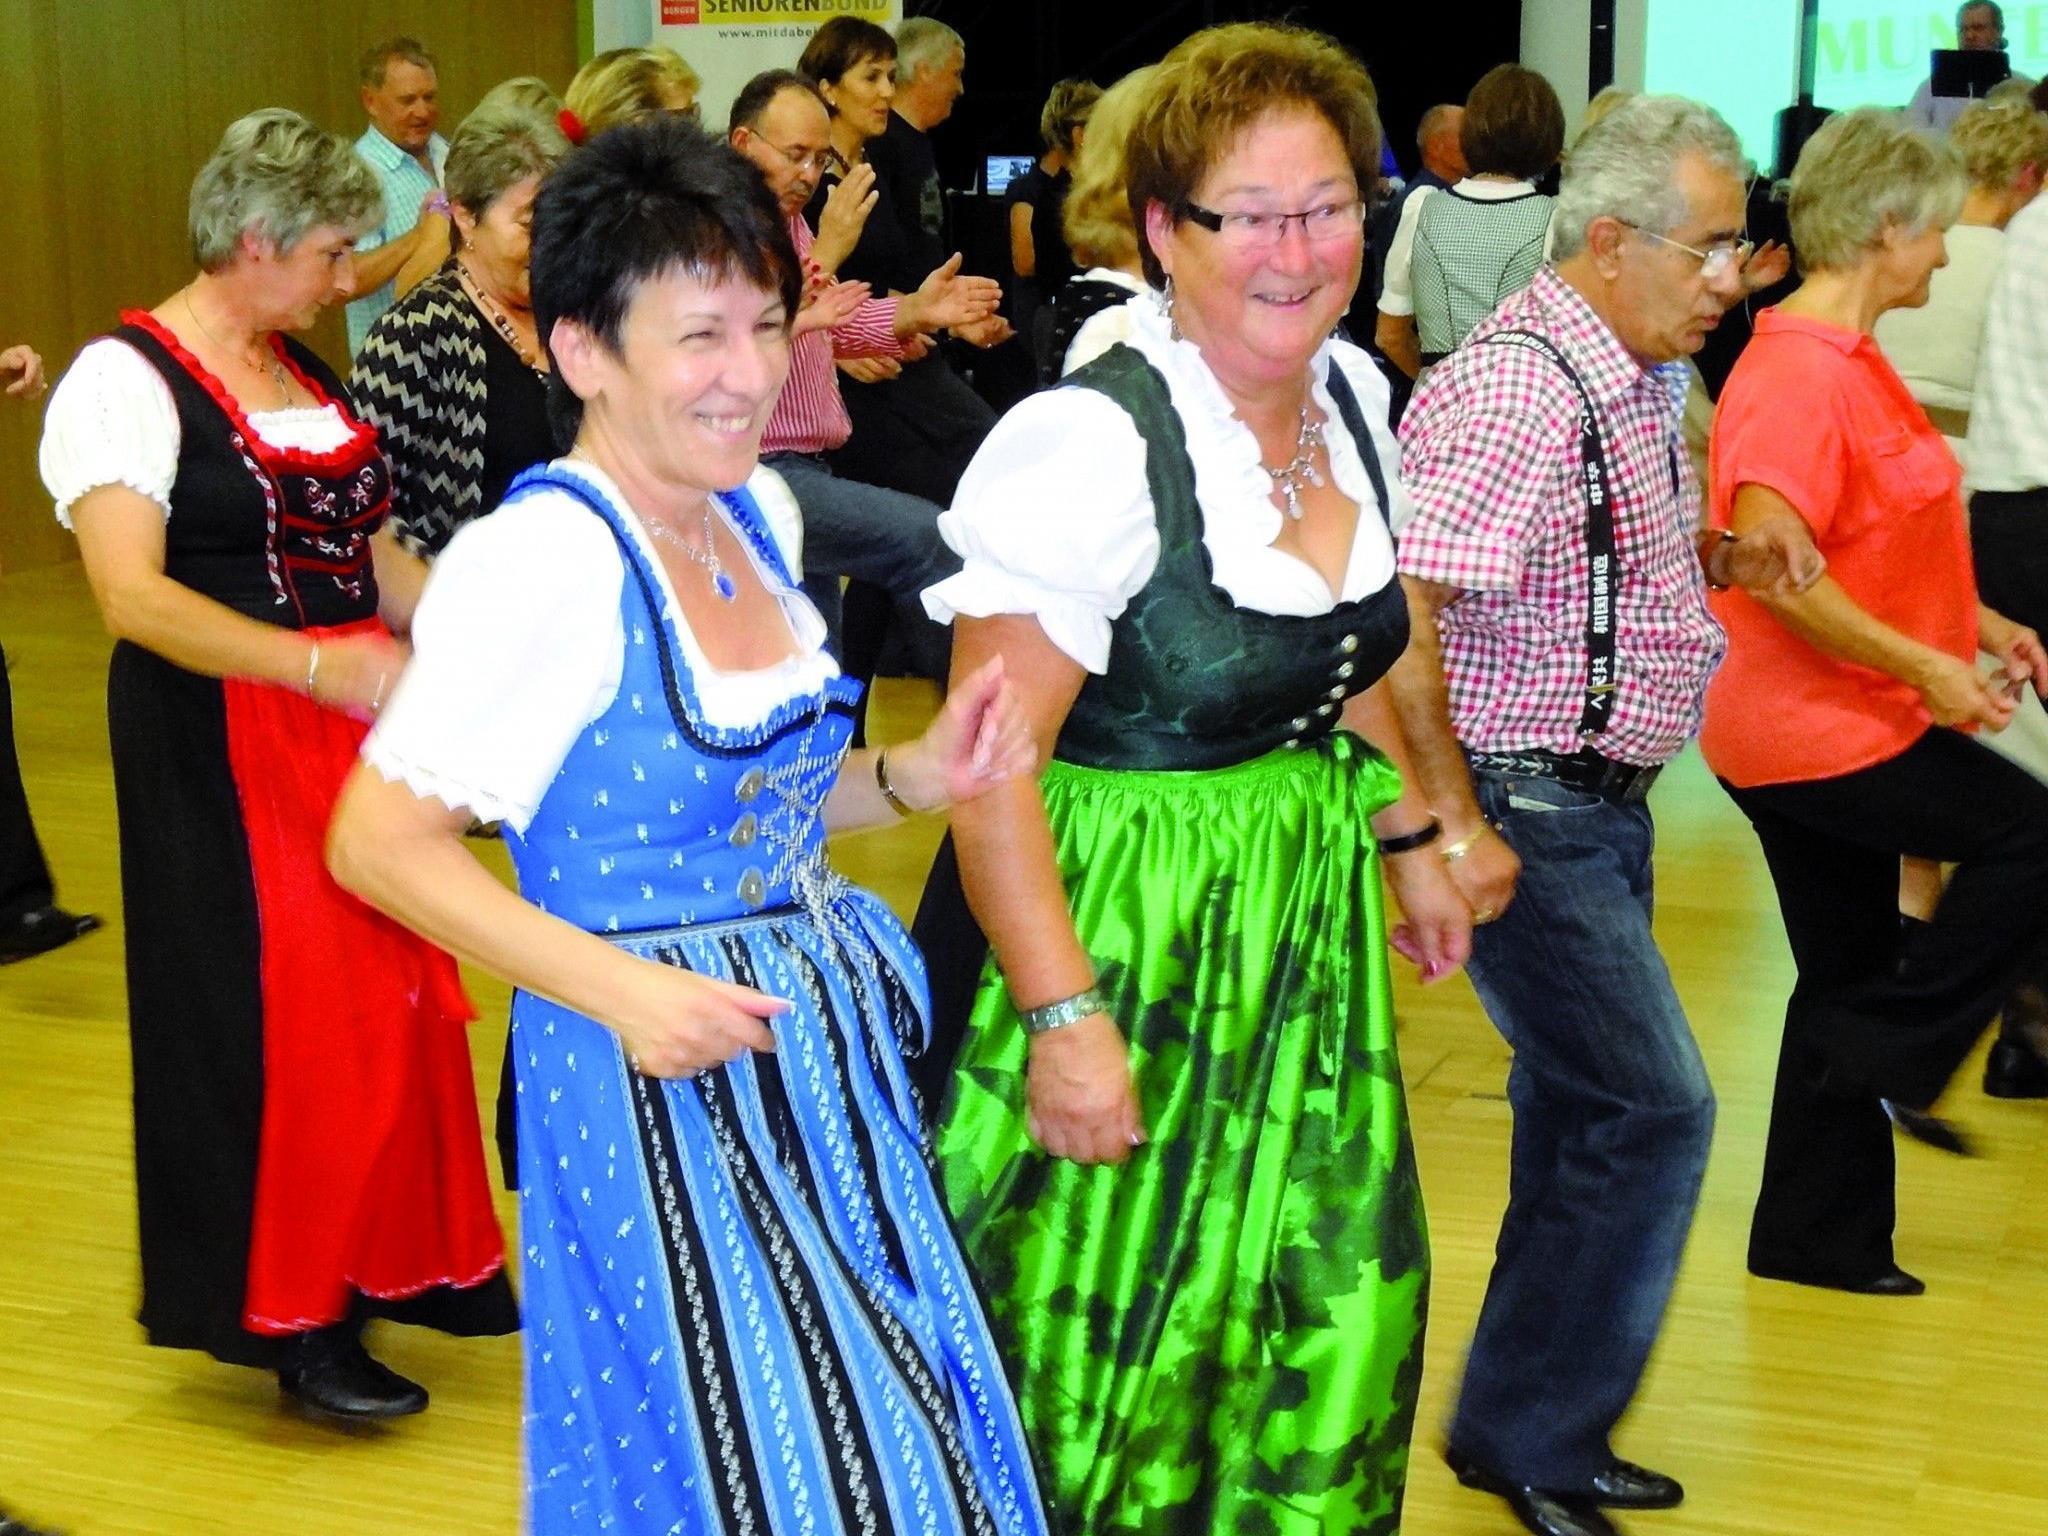 Viel Spaß und gute Unterhaltung haben die Tanzfreunde beim ´s Ländle tanzt in Koblach